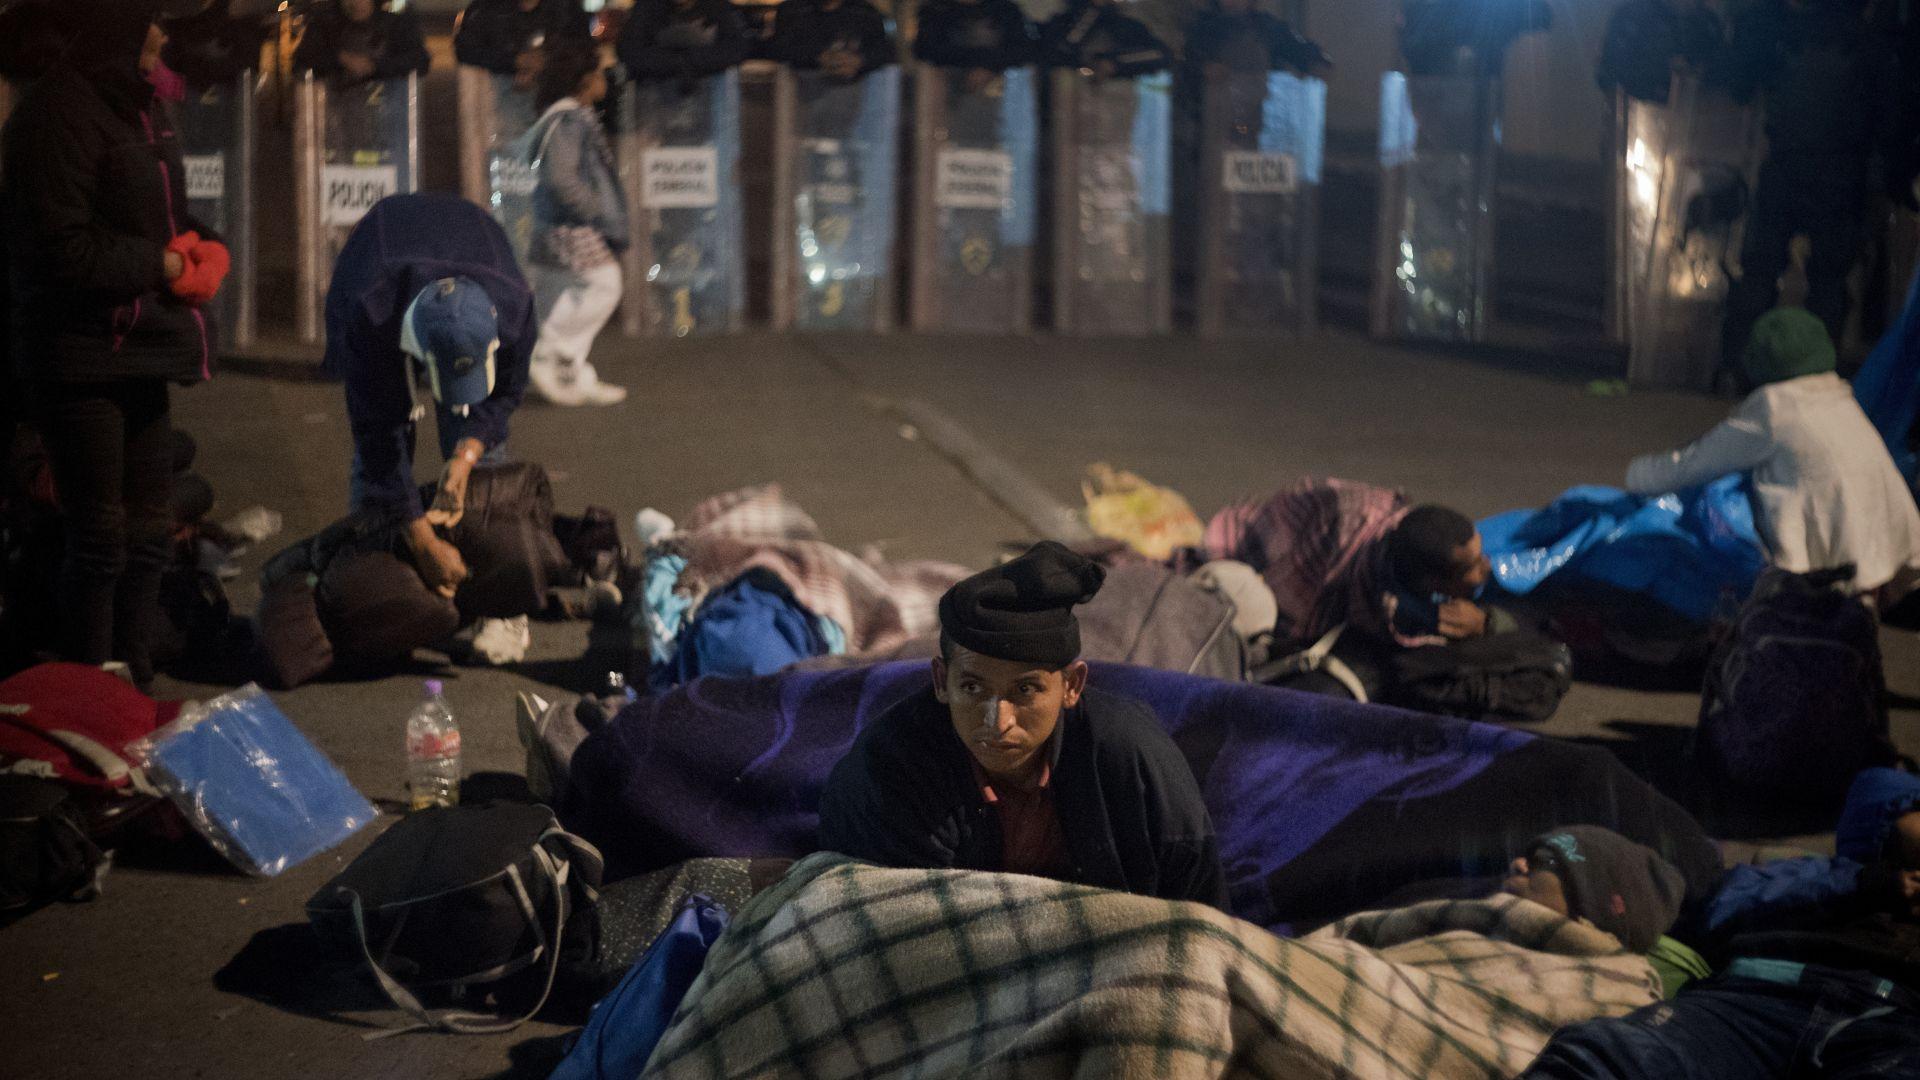 Стотици мигранти на границата в Мексико готови да преминат в САЩ